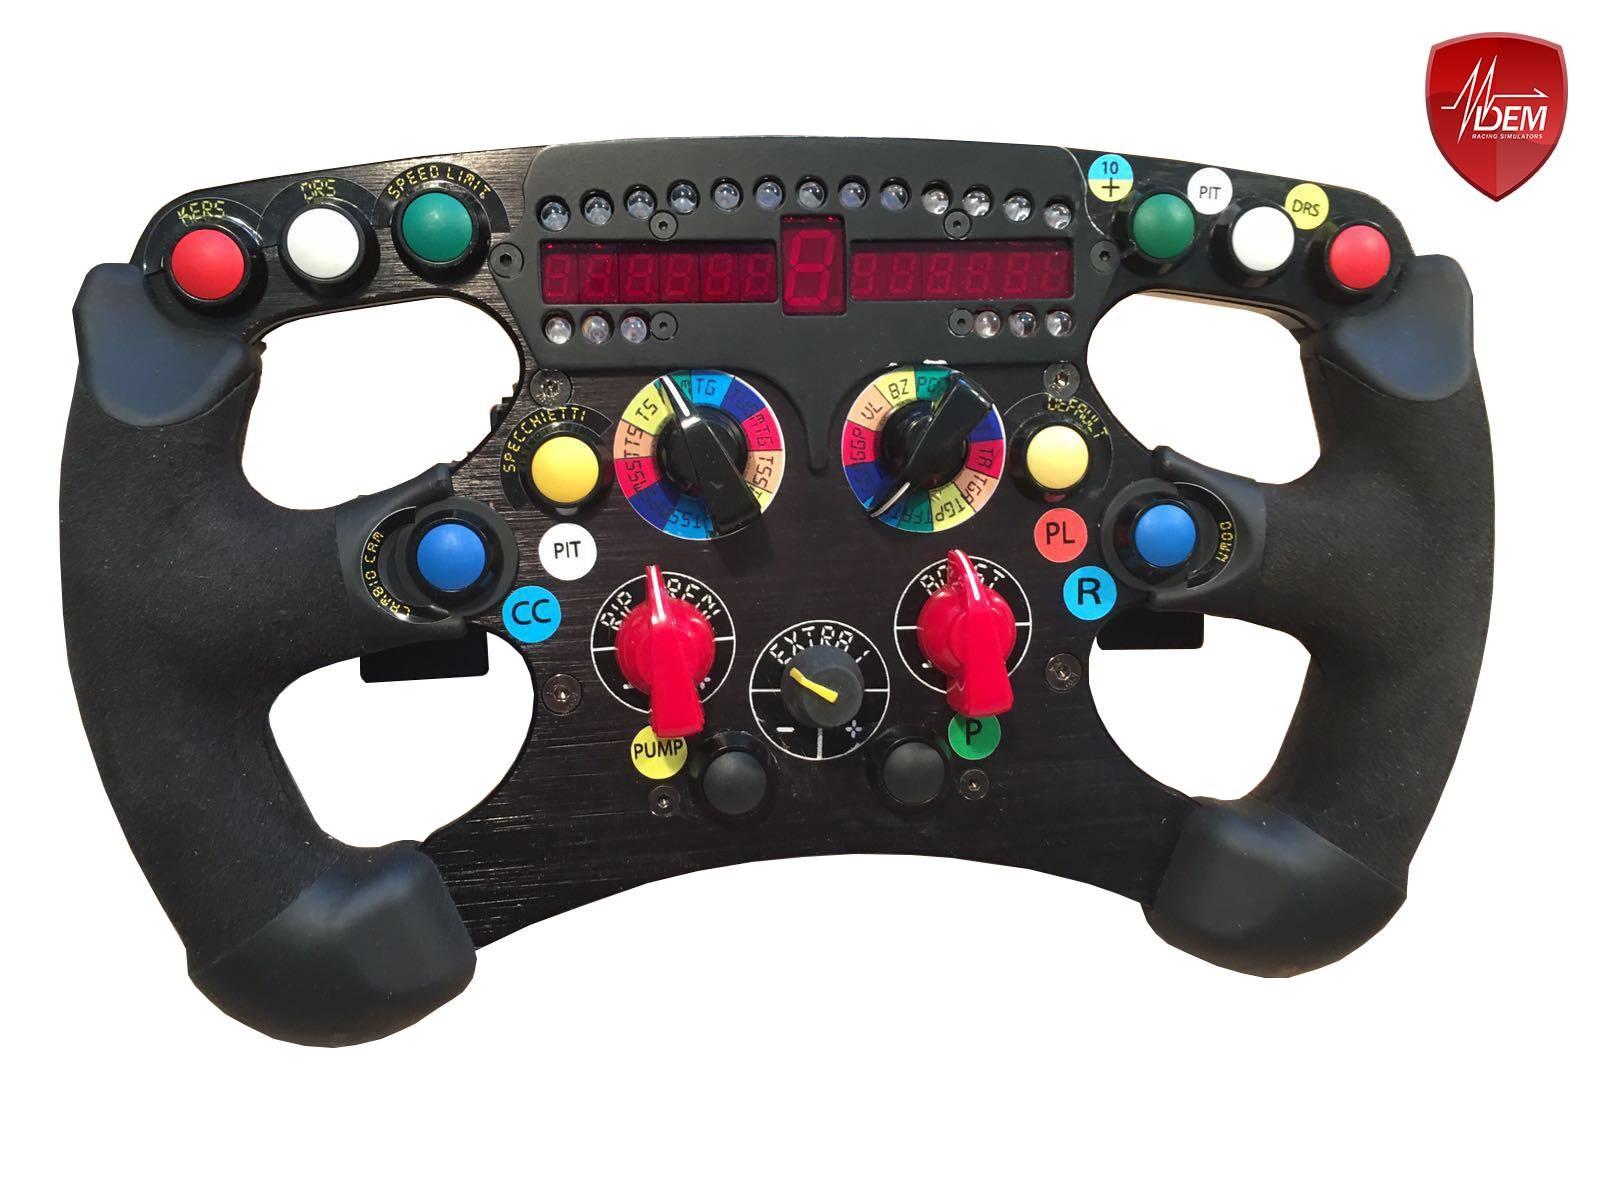 Mod DEM pour volant Fanatec Formula : le DRS Fanatec F1 Wheel